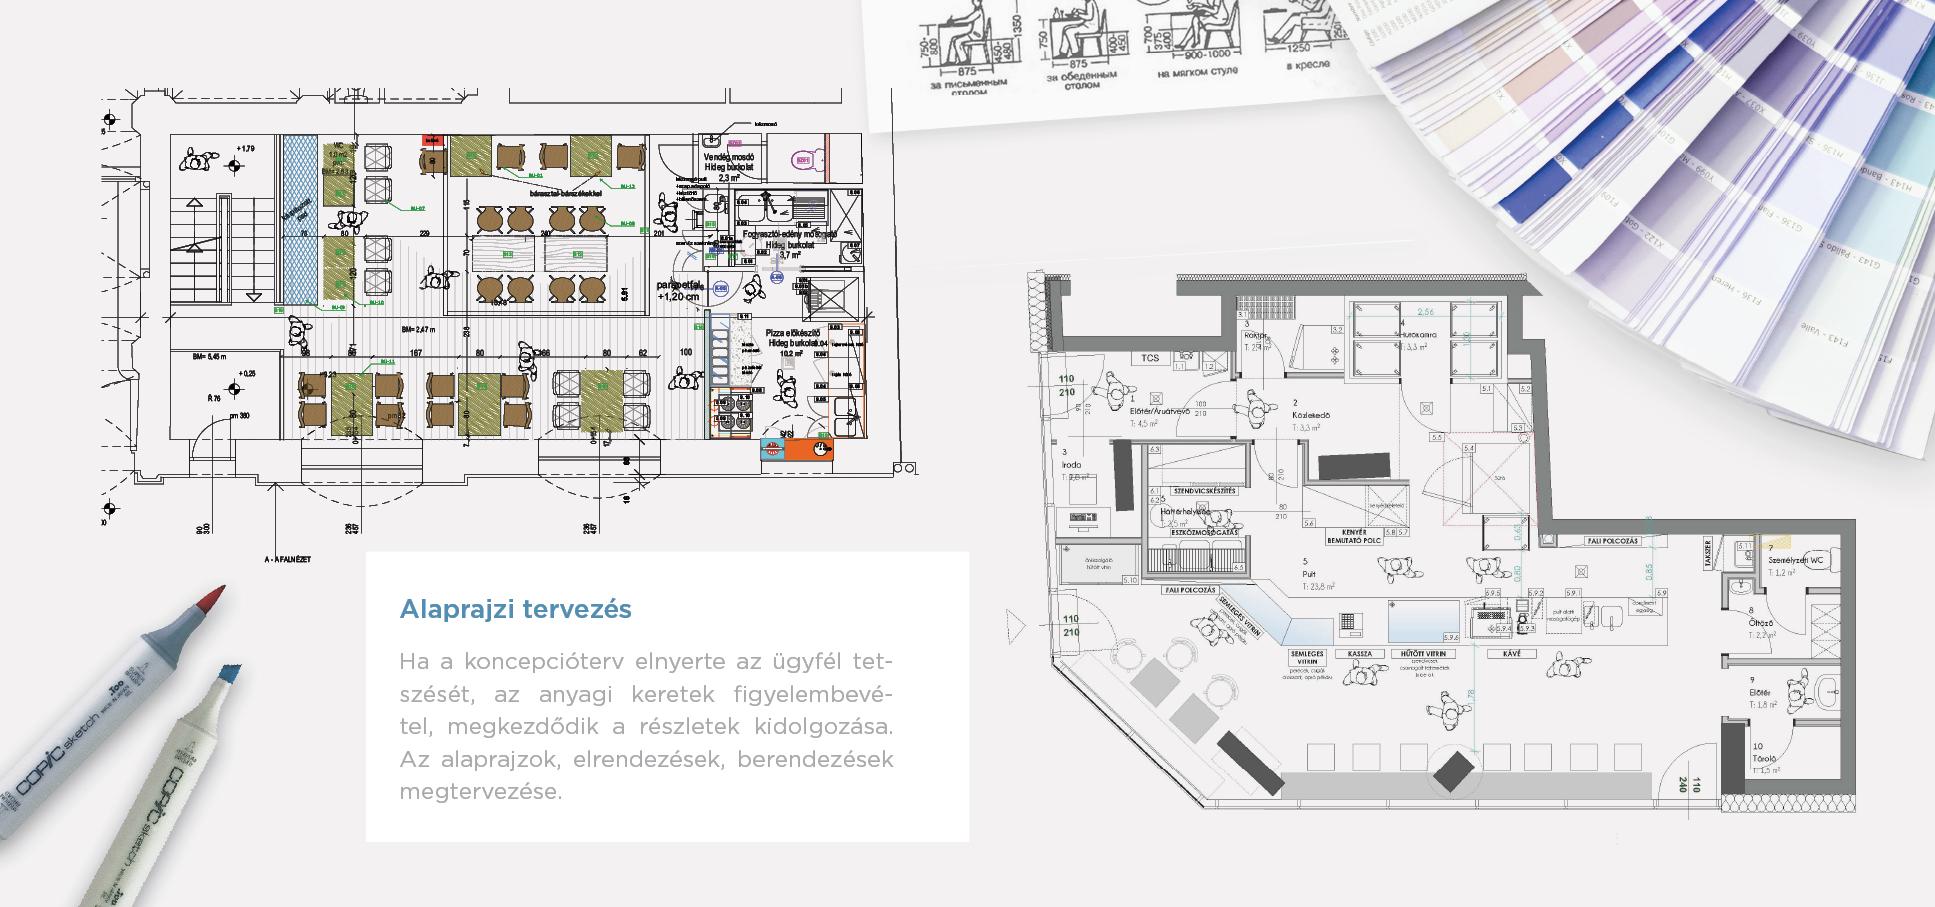 AMeCoD Interior prospektus 5. oldal